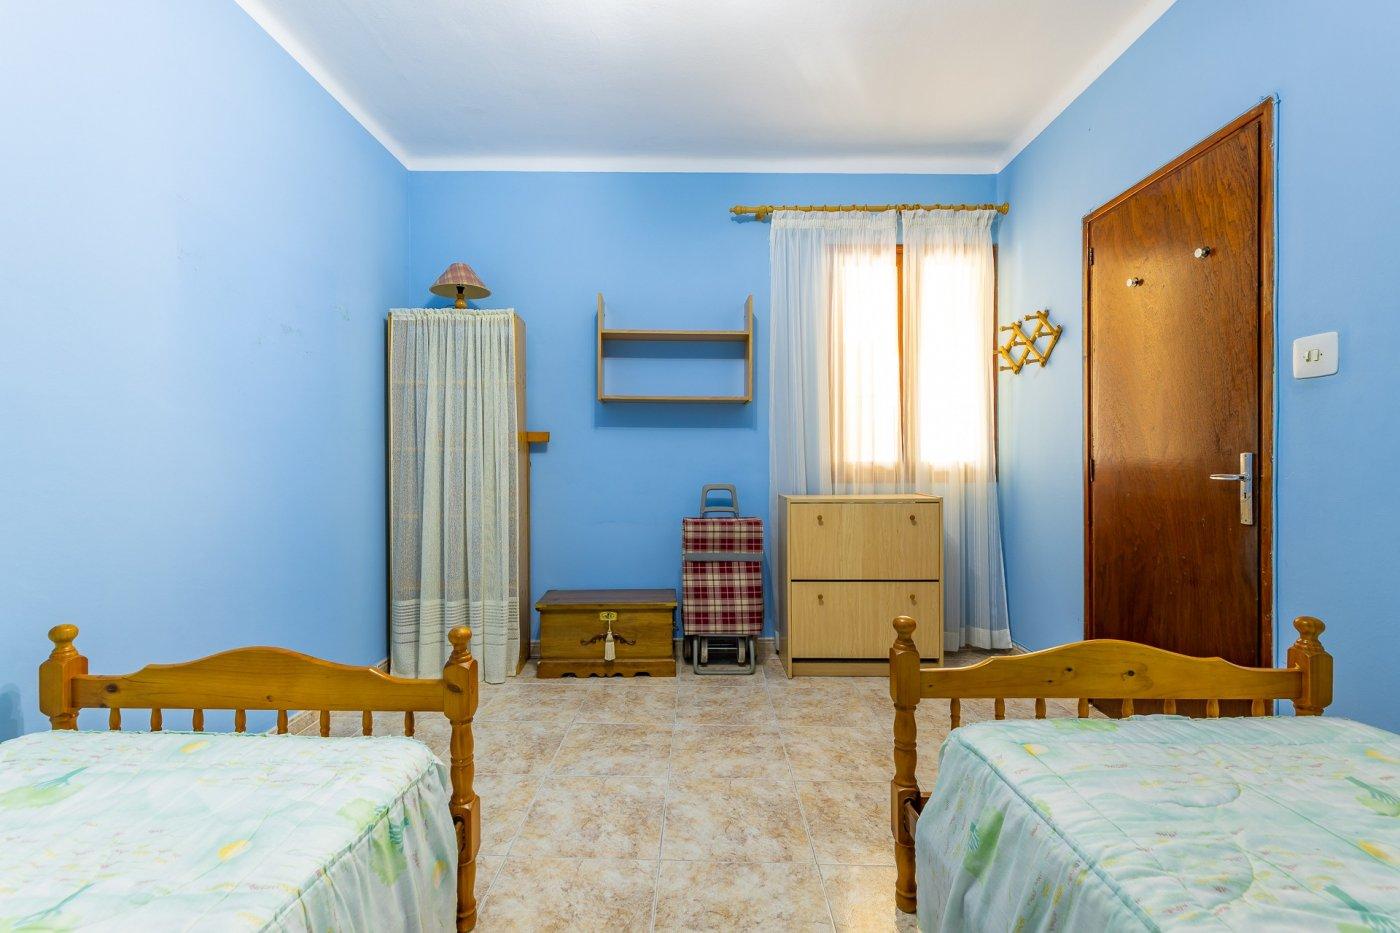 Primer piso de 107 m² de superficie en buen estado en la zona de camp redó, palma de mallo - imagenInmueble6